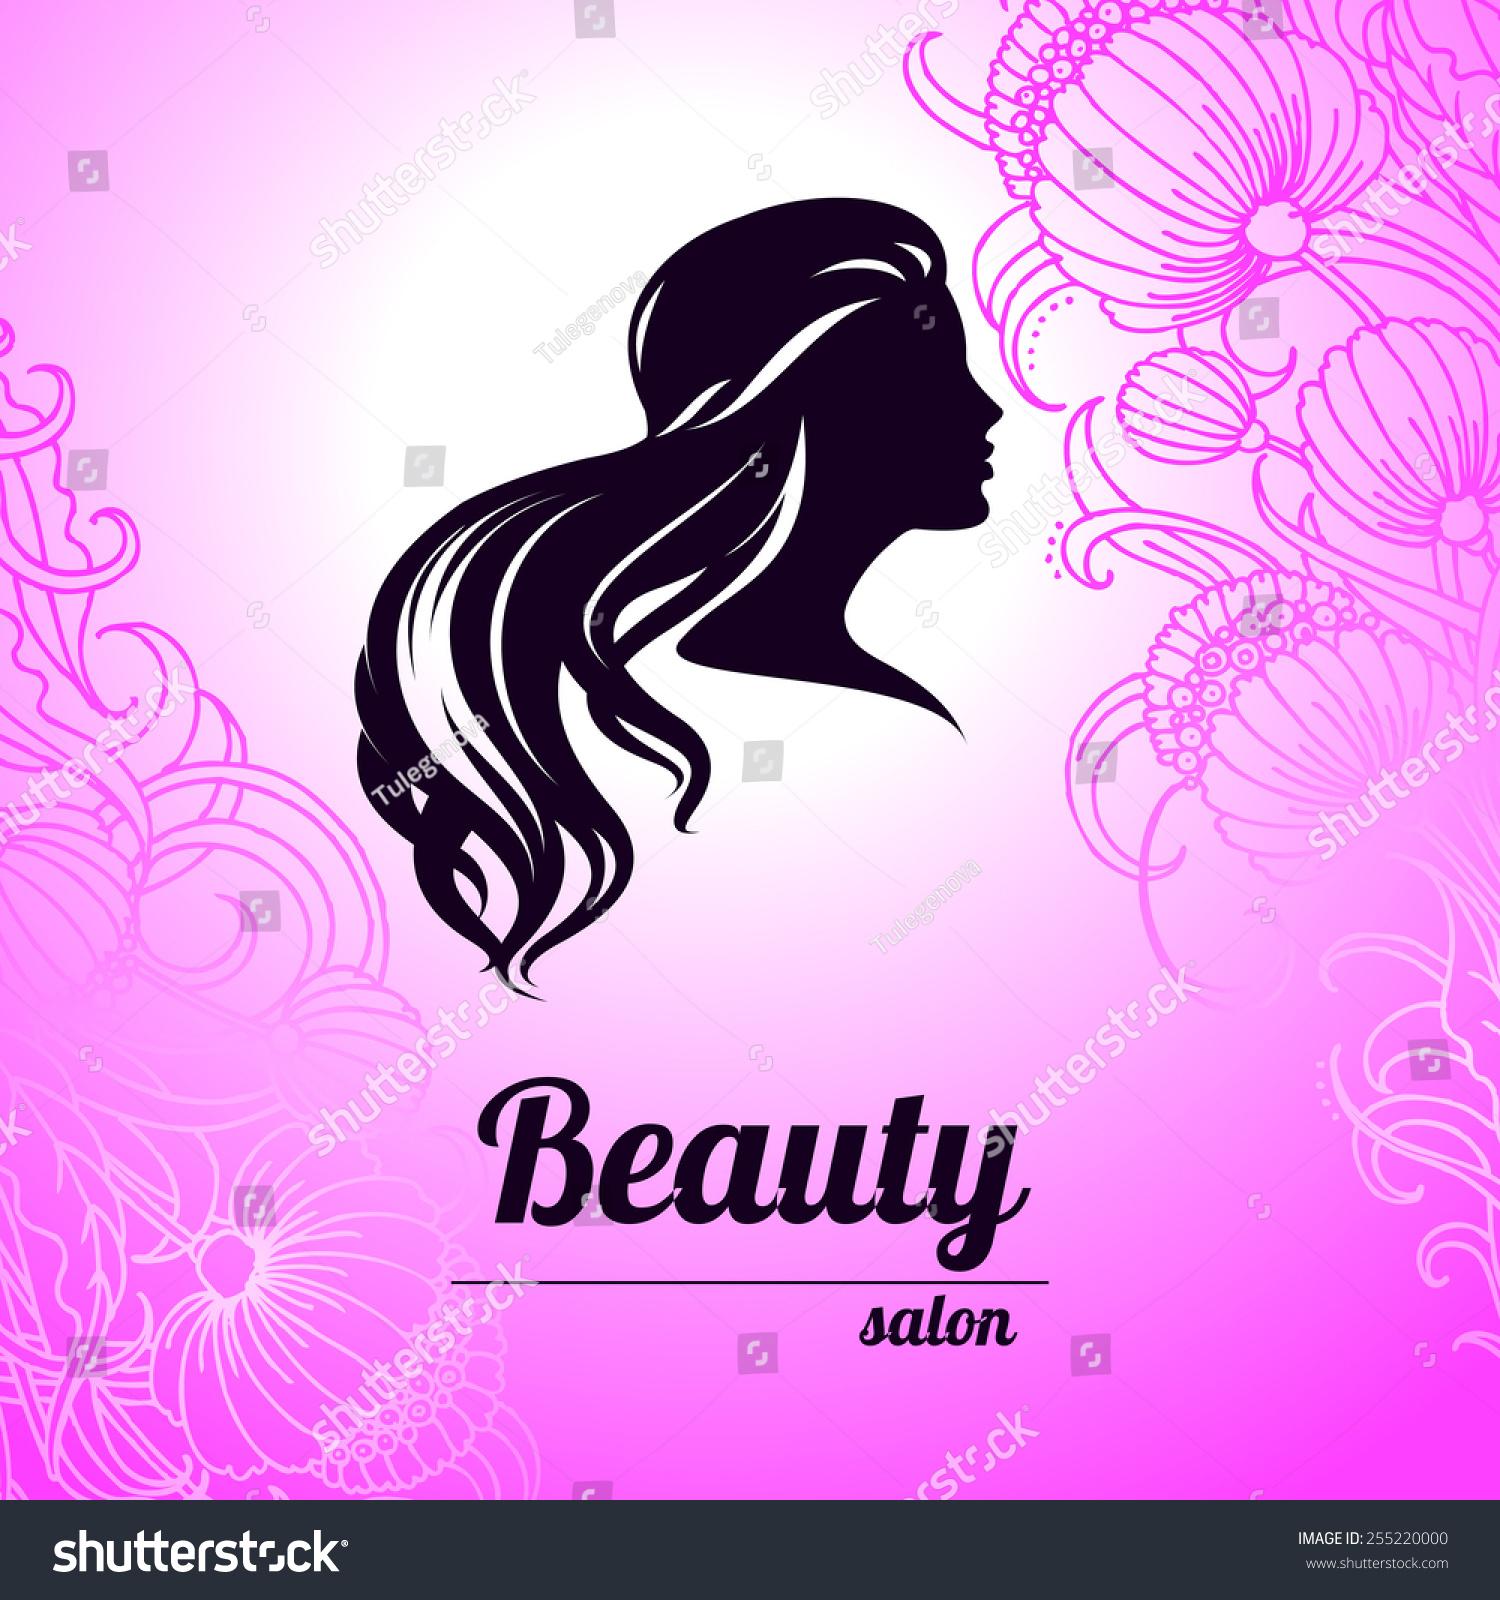 Design Business Card Hair Beauty Salon Stock Vector 255220000 ...